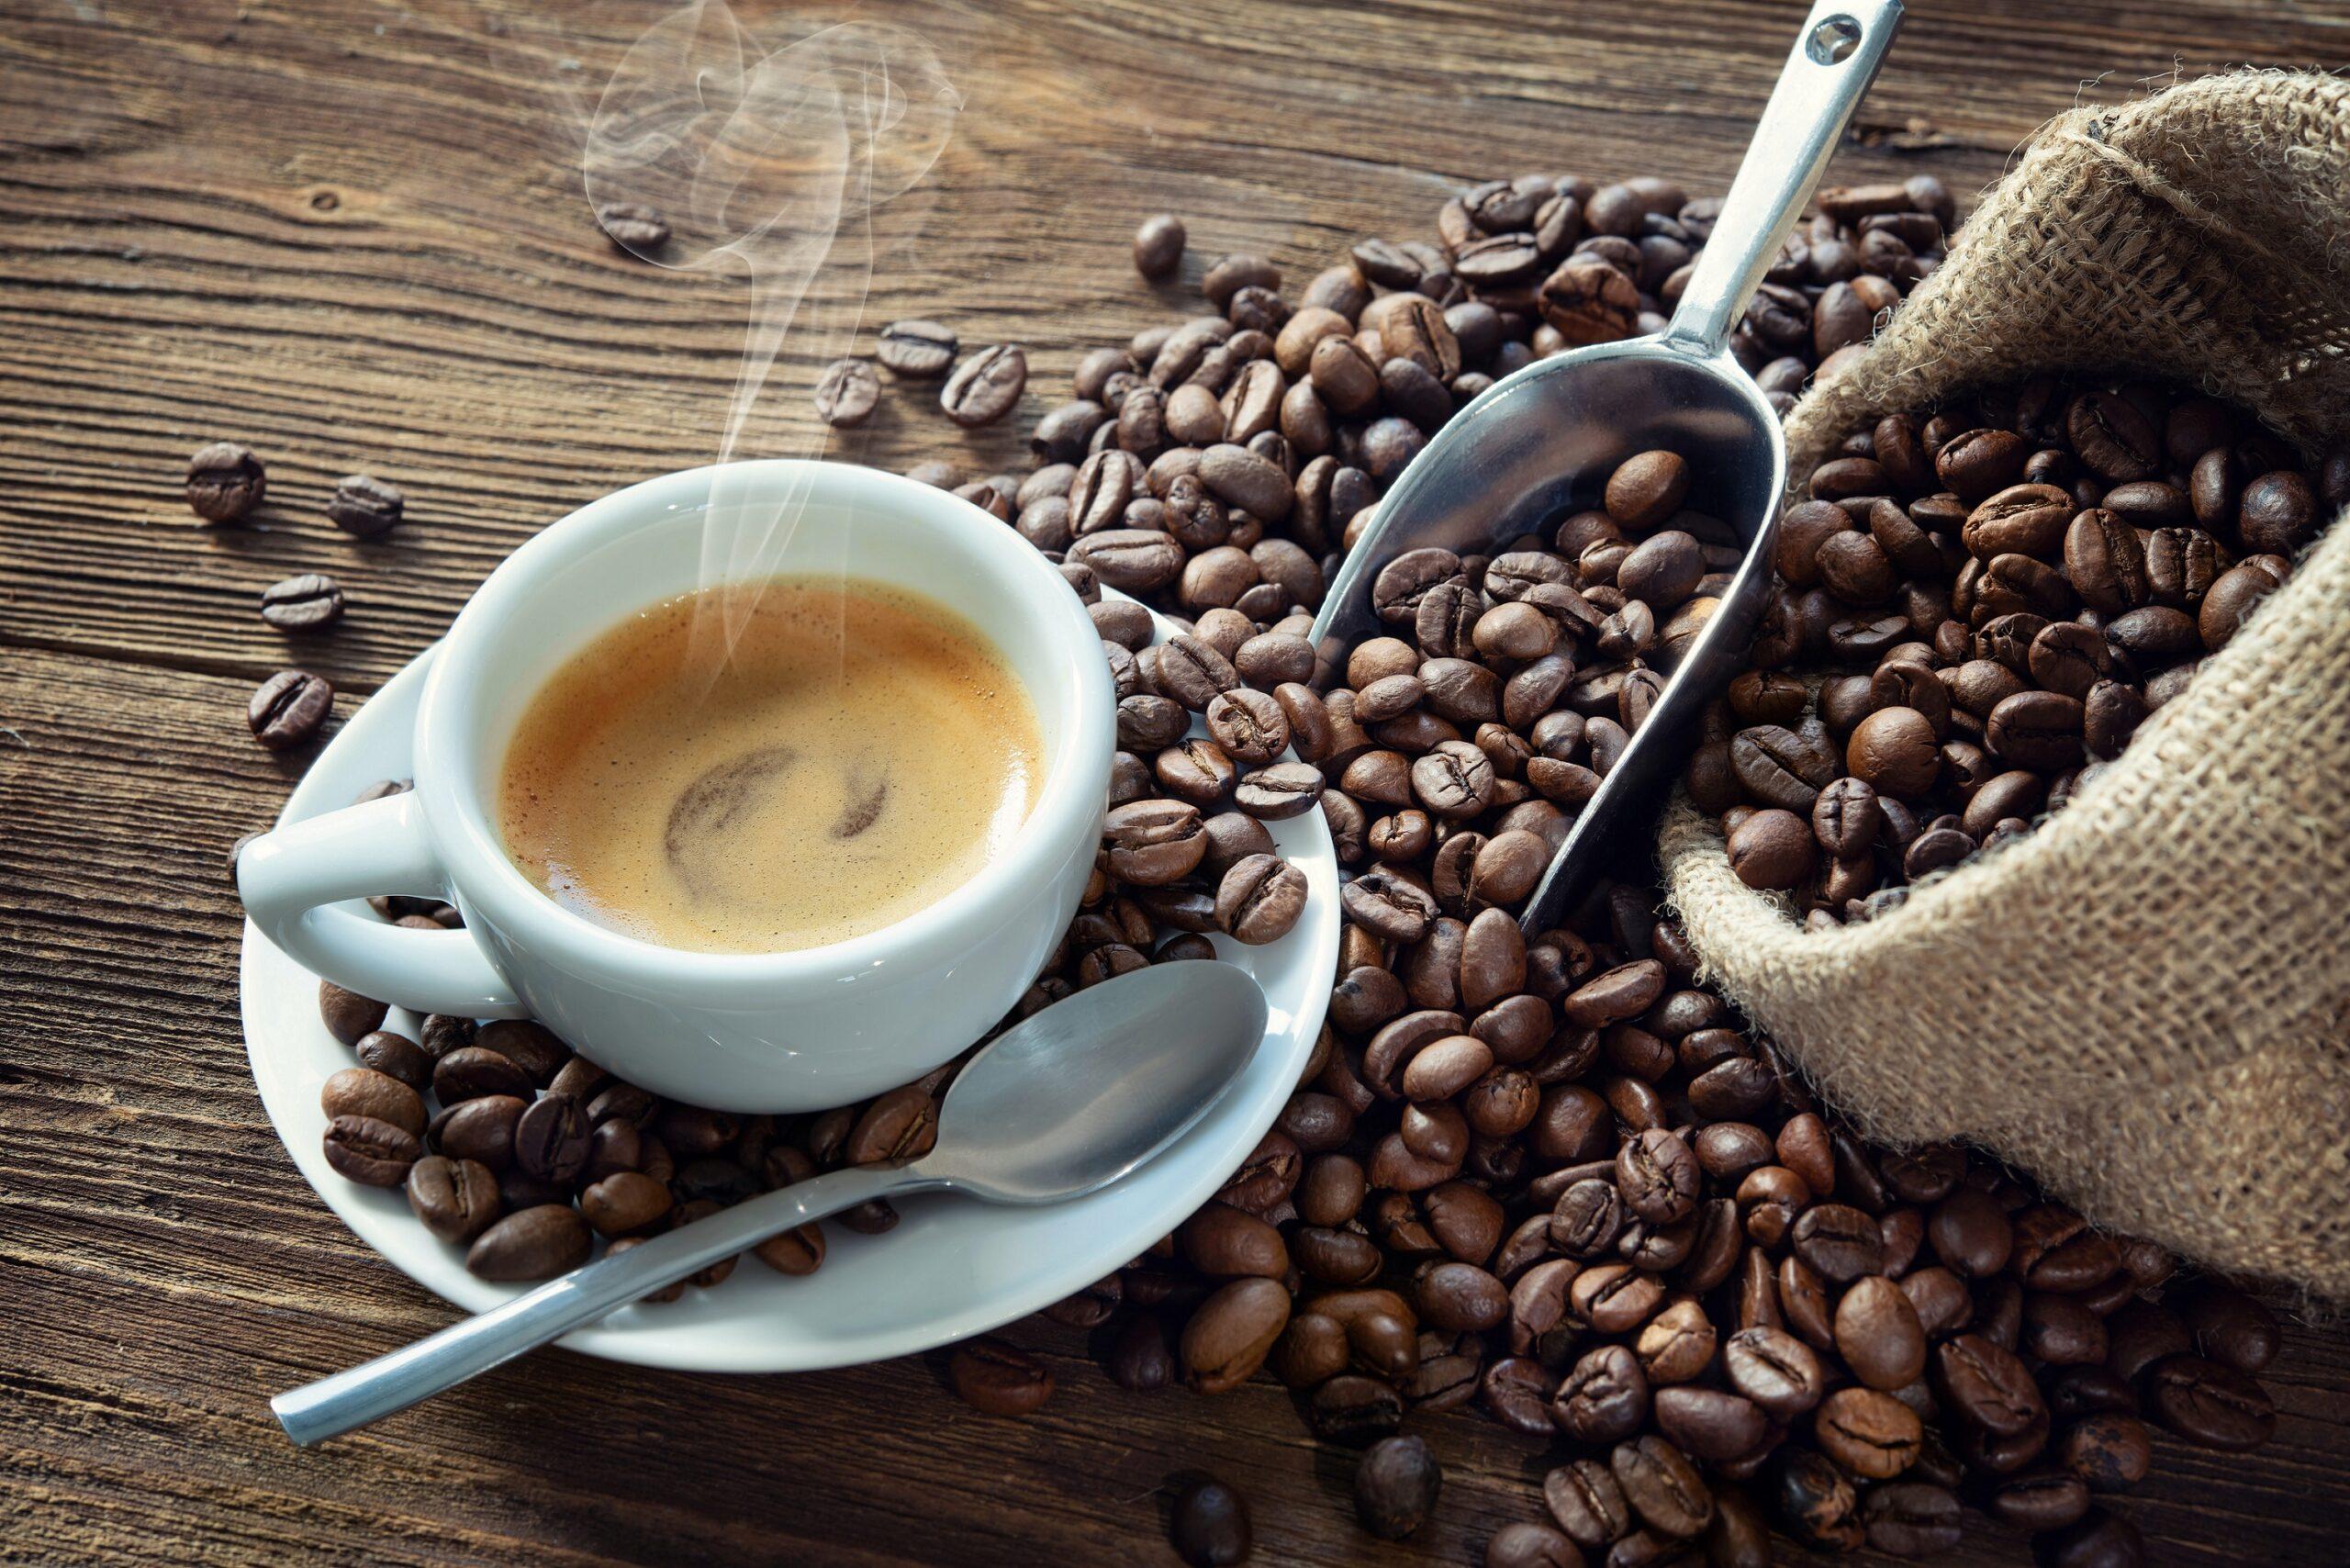 Hoher Kaffeekonsum scheint Risiko für Herz-Kreislauf-Erkrankungen zu erhöhen - Heilpraxisnet.de